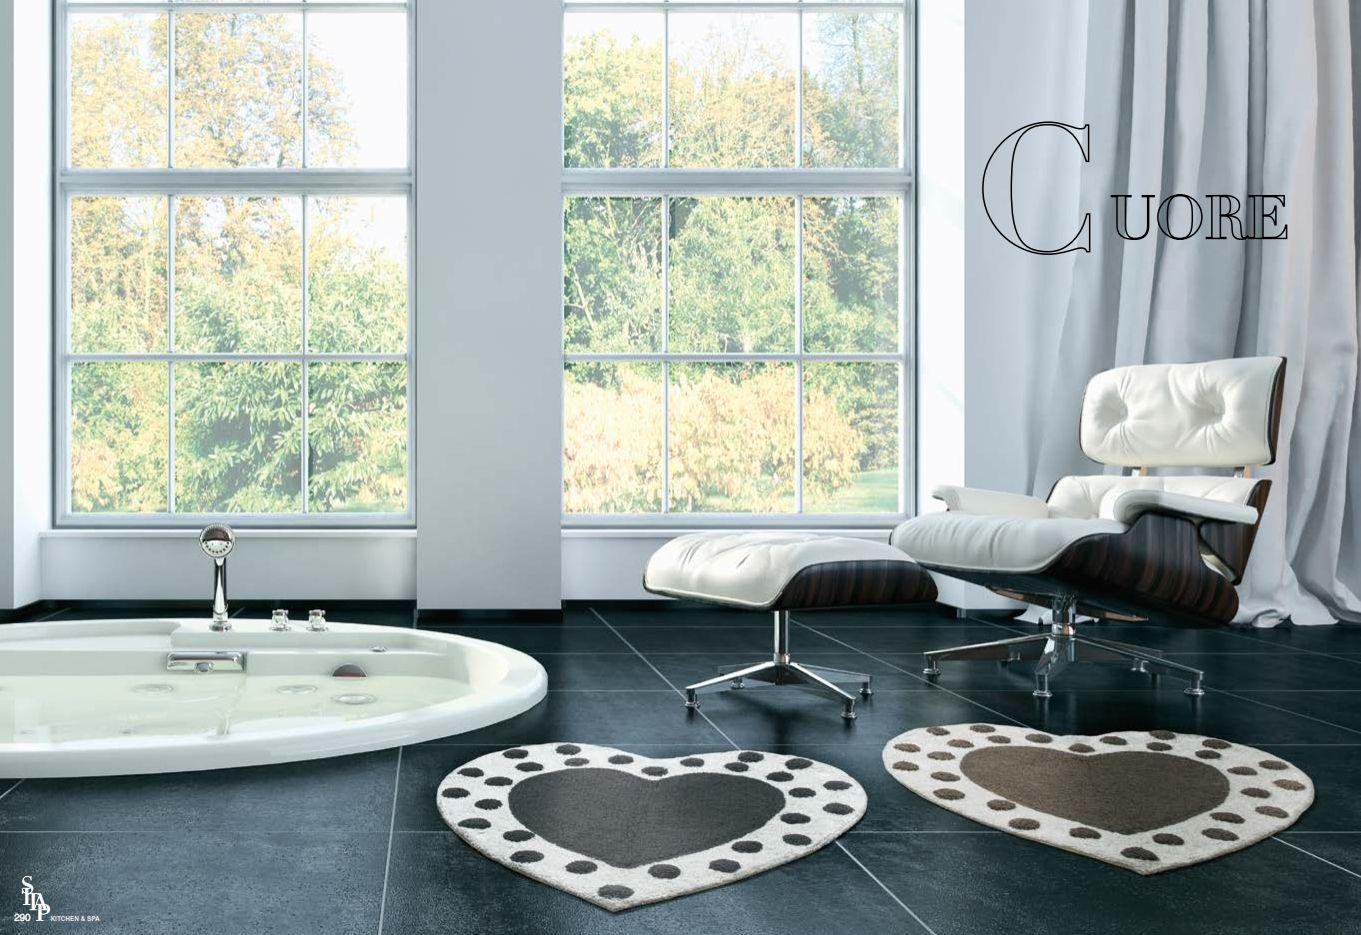 Teppiche italienische teppich sitap serie cuoredie m bel aus italien - Italienische designer wandspiegel ...